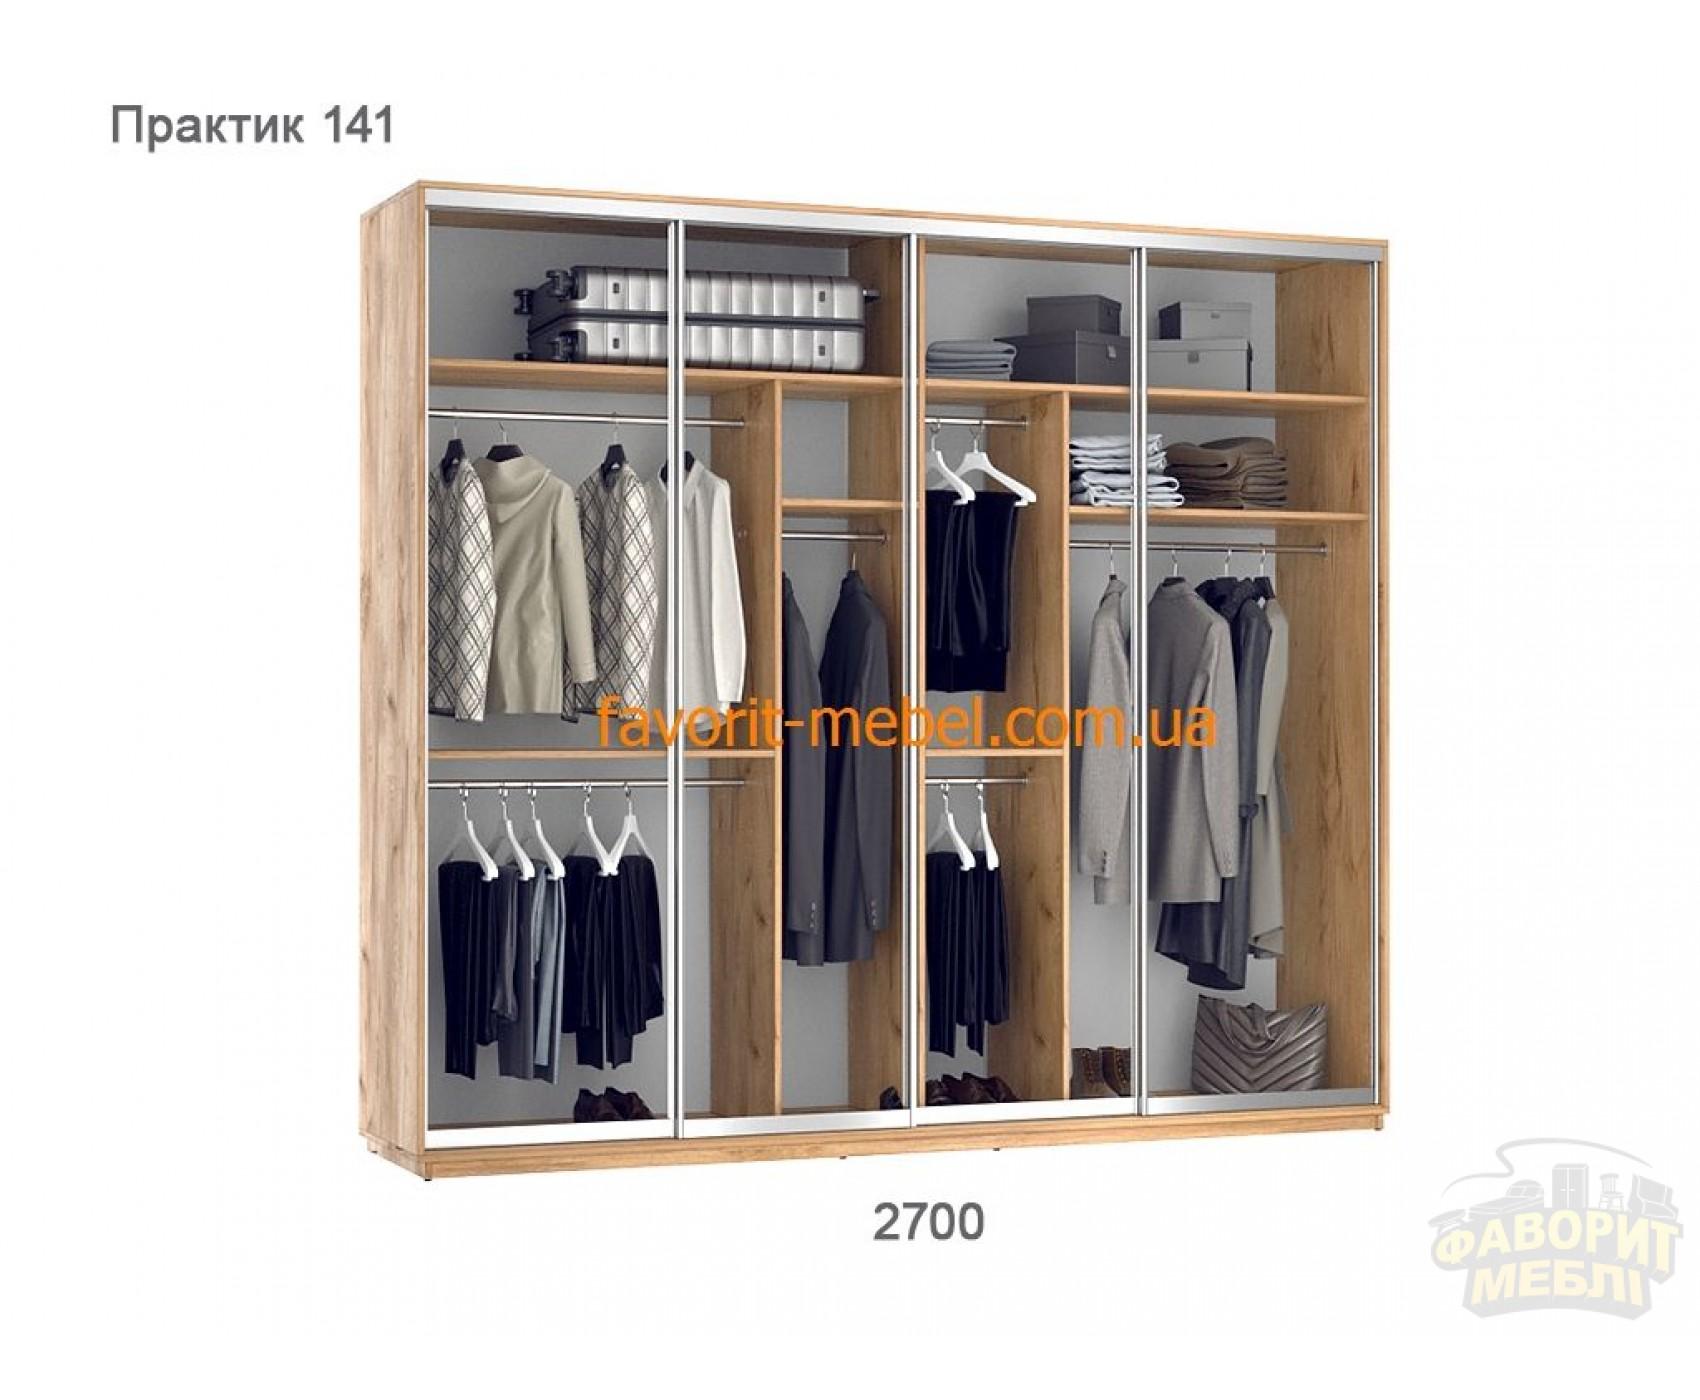 Шкаф купе Практик 141/4 (270х60х240 см)